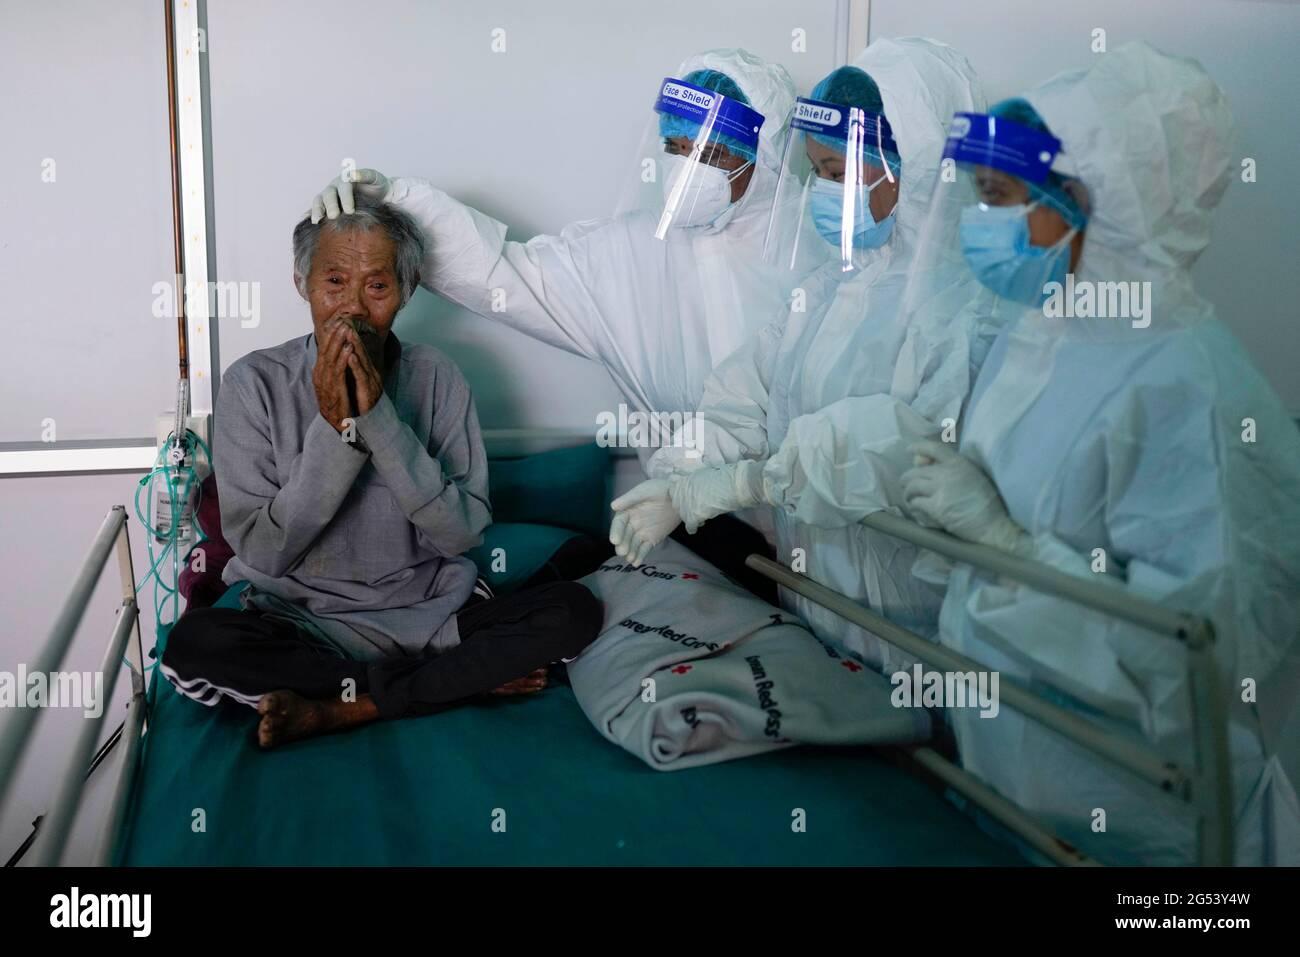 Kathmandu, Nepal. Juni 2021. Gesundheitshelfer vor Ort verabschiedeten sich von der sehbehinderten 74-jährigen Kaile Tamang, nachdem sie sich von COVID-19 im Radiha Soami COVID Isolation & Oxygen Therapy Center in Kathmandu, Nepal, erholt hatte. Kredit: Skanda Gautam/ZUMA Wire/Alamy Live Nachrichten Stockfoto